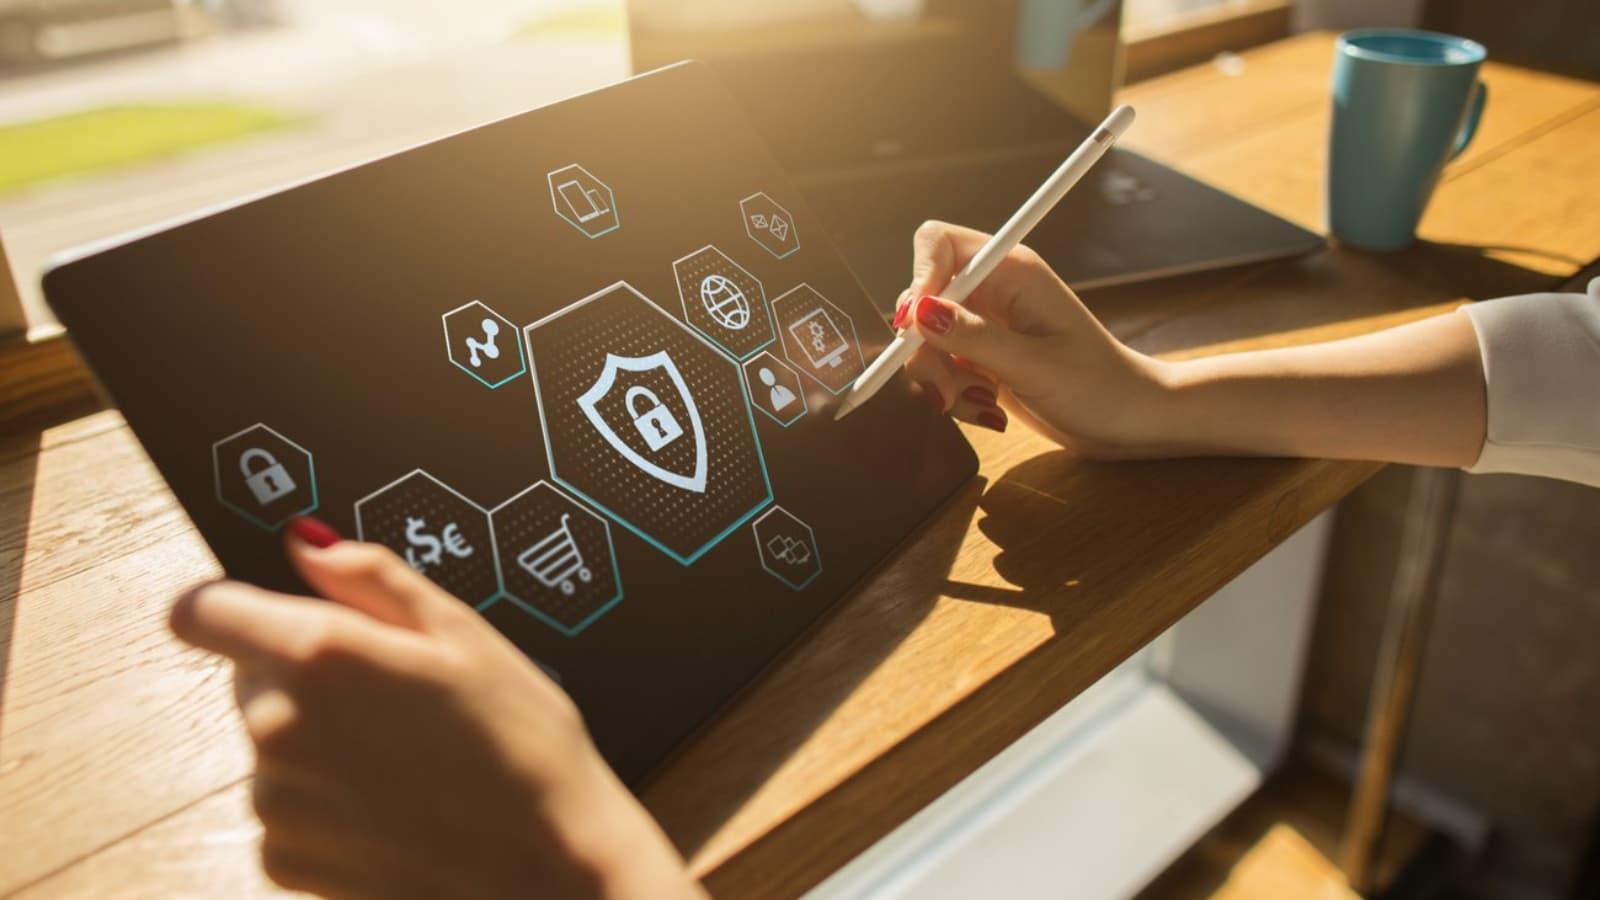 Optez pour la sérénité avec SFR Cybersécurité